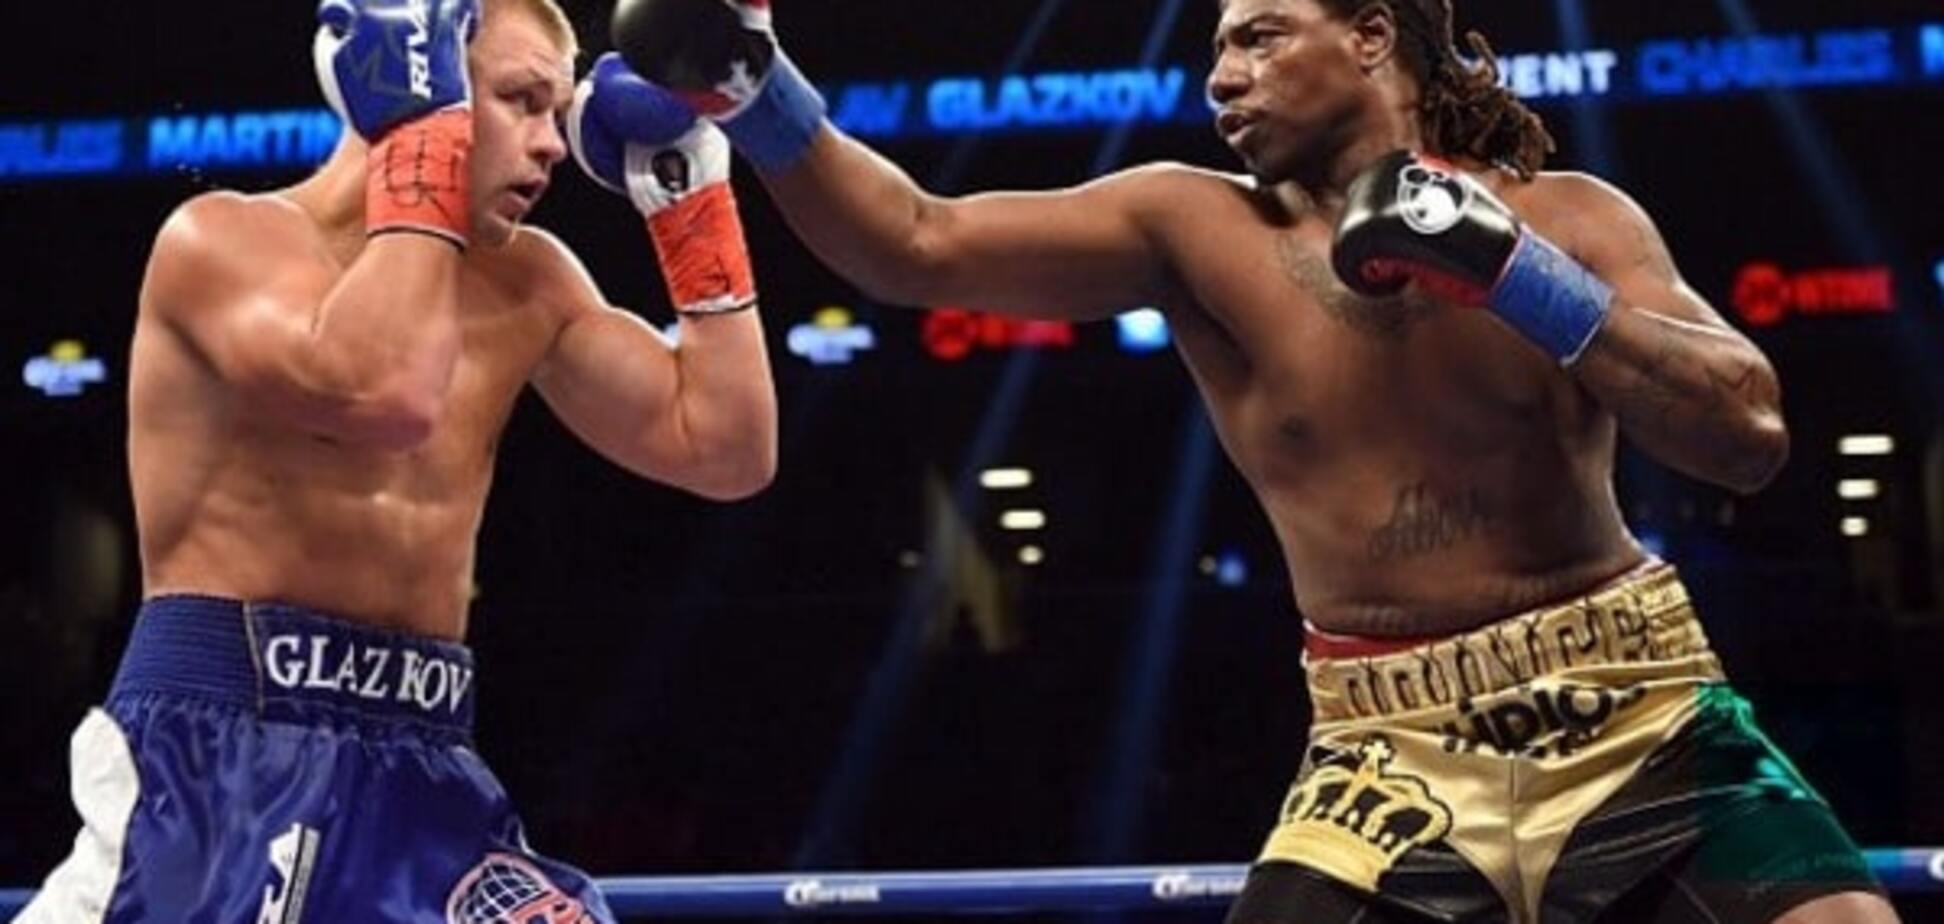 Бій українця Глазкова потрапив під розслідування Міжнародної боксерської федерації